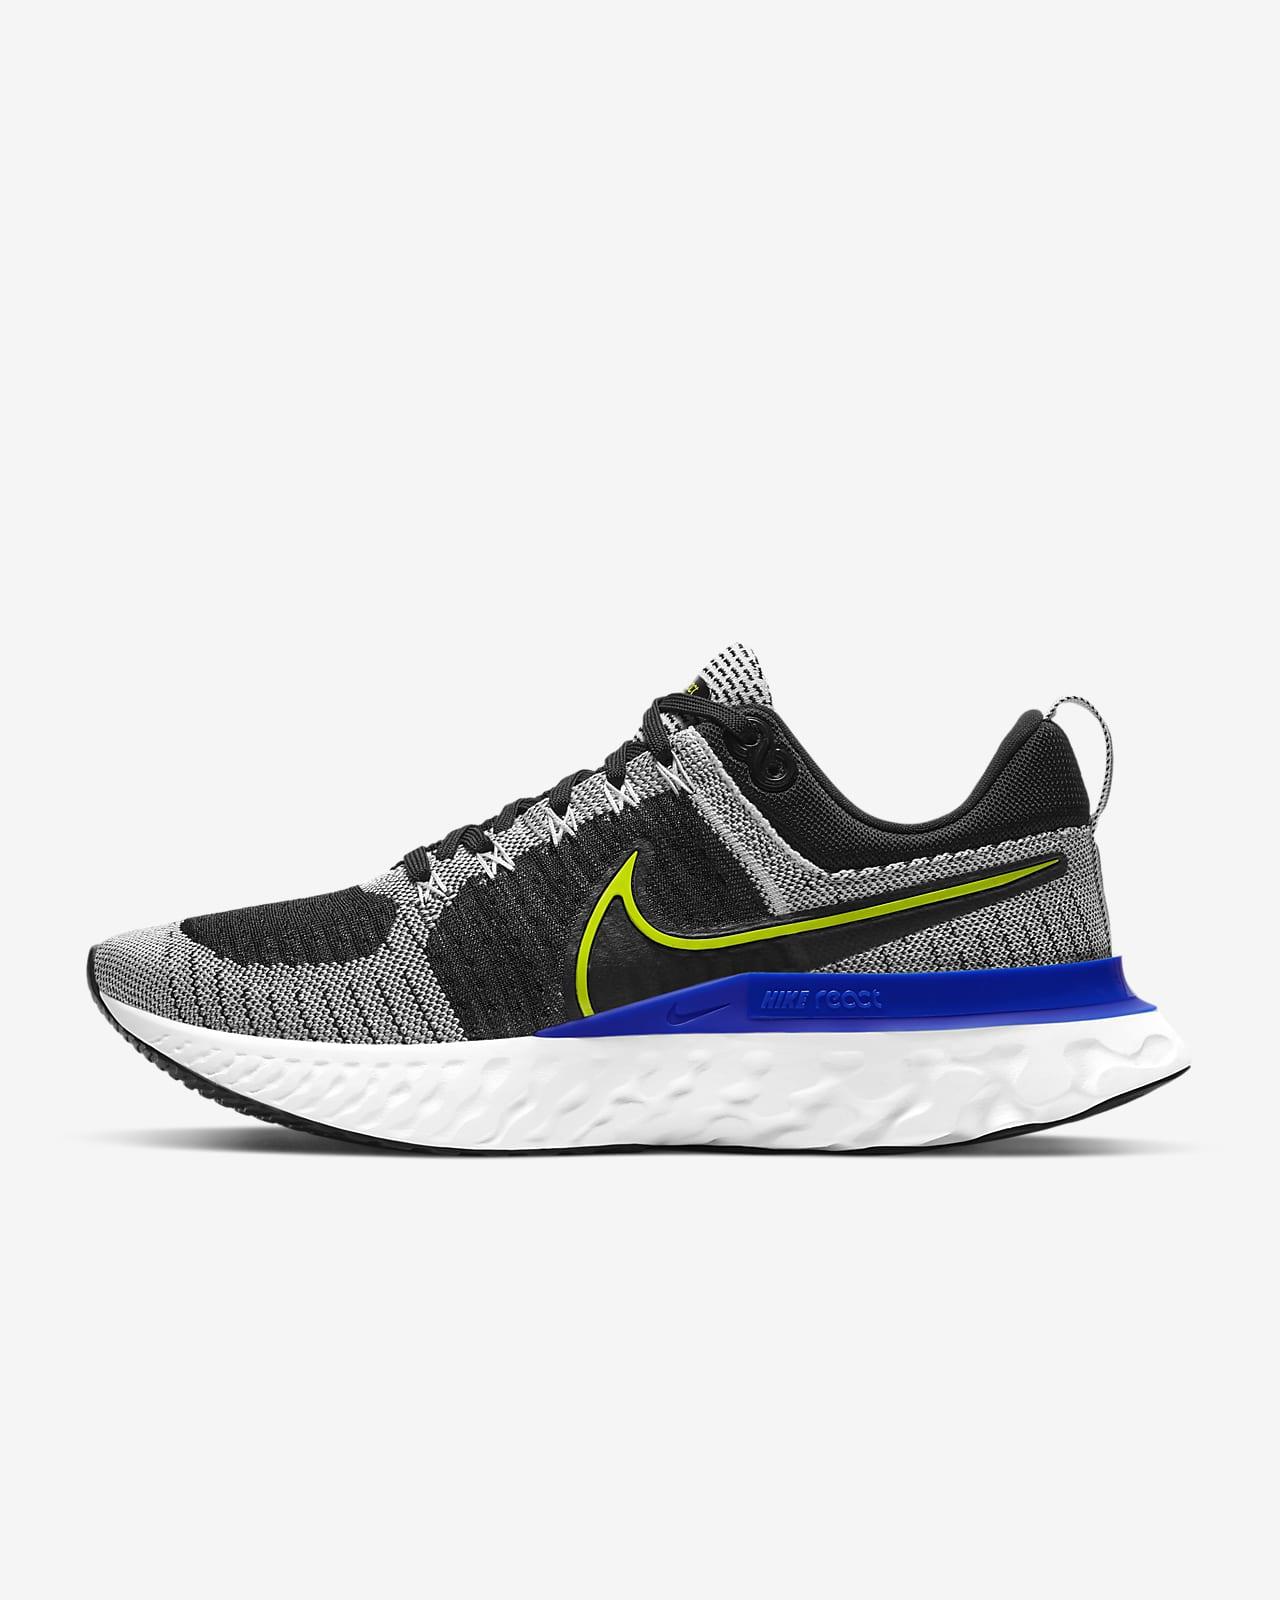 Calzado de running para hombre Nike React Infinity Run Flyknit 2